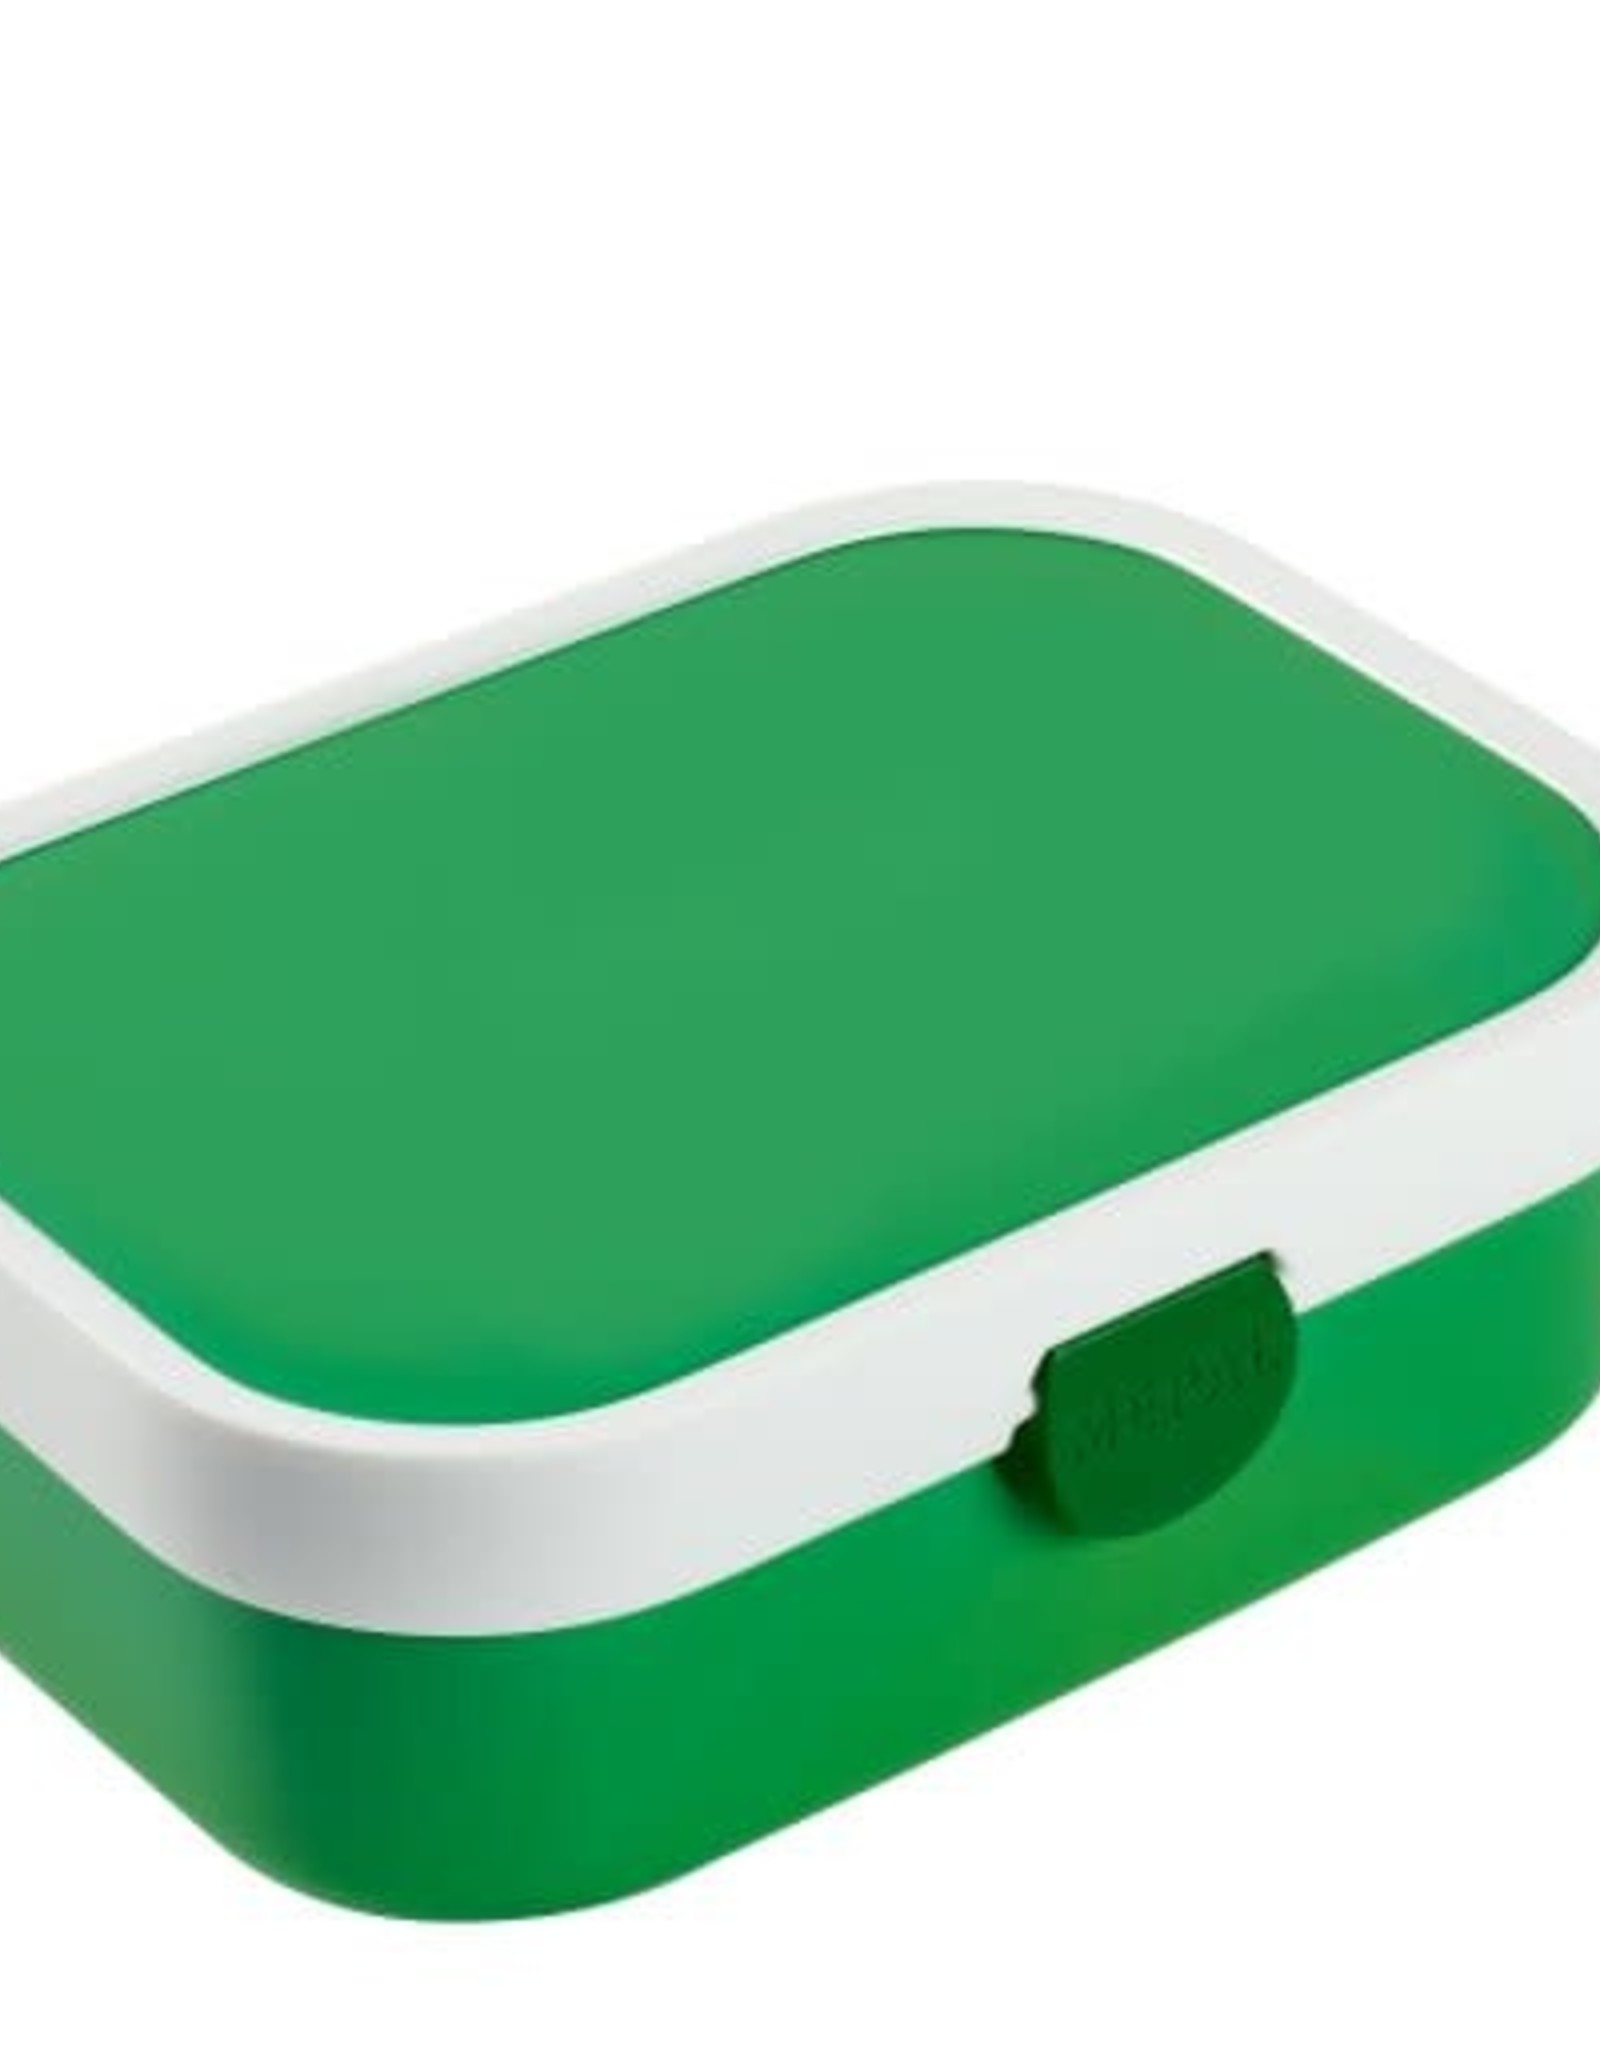 mepal Mepal lunchbox campus